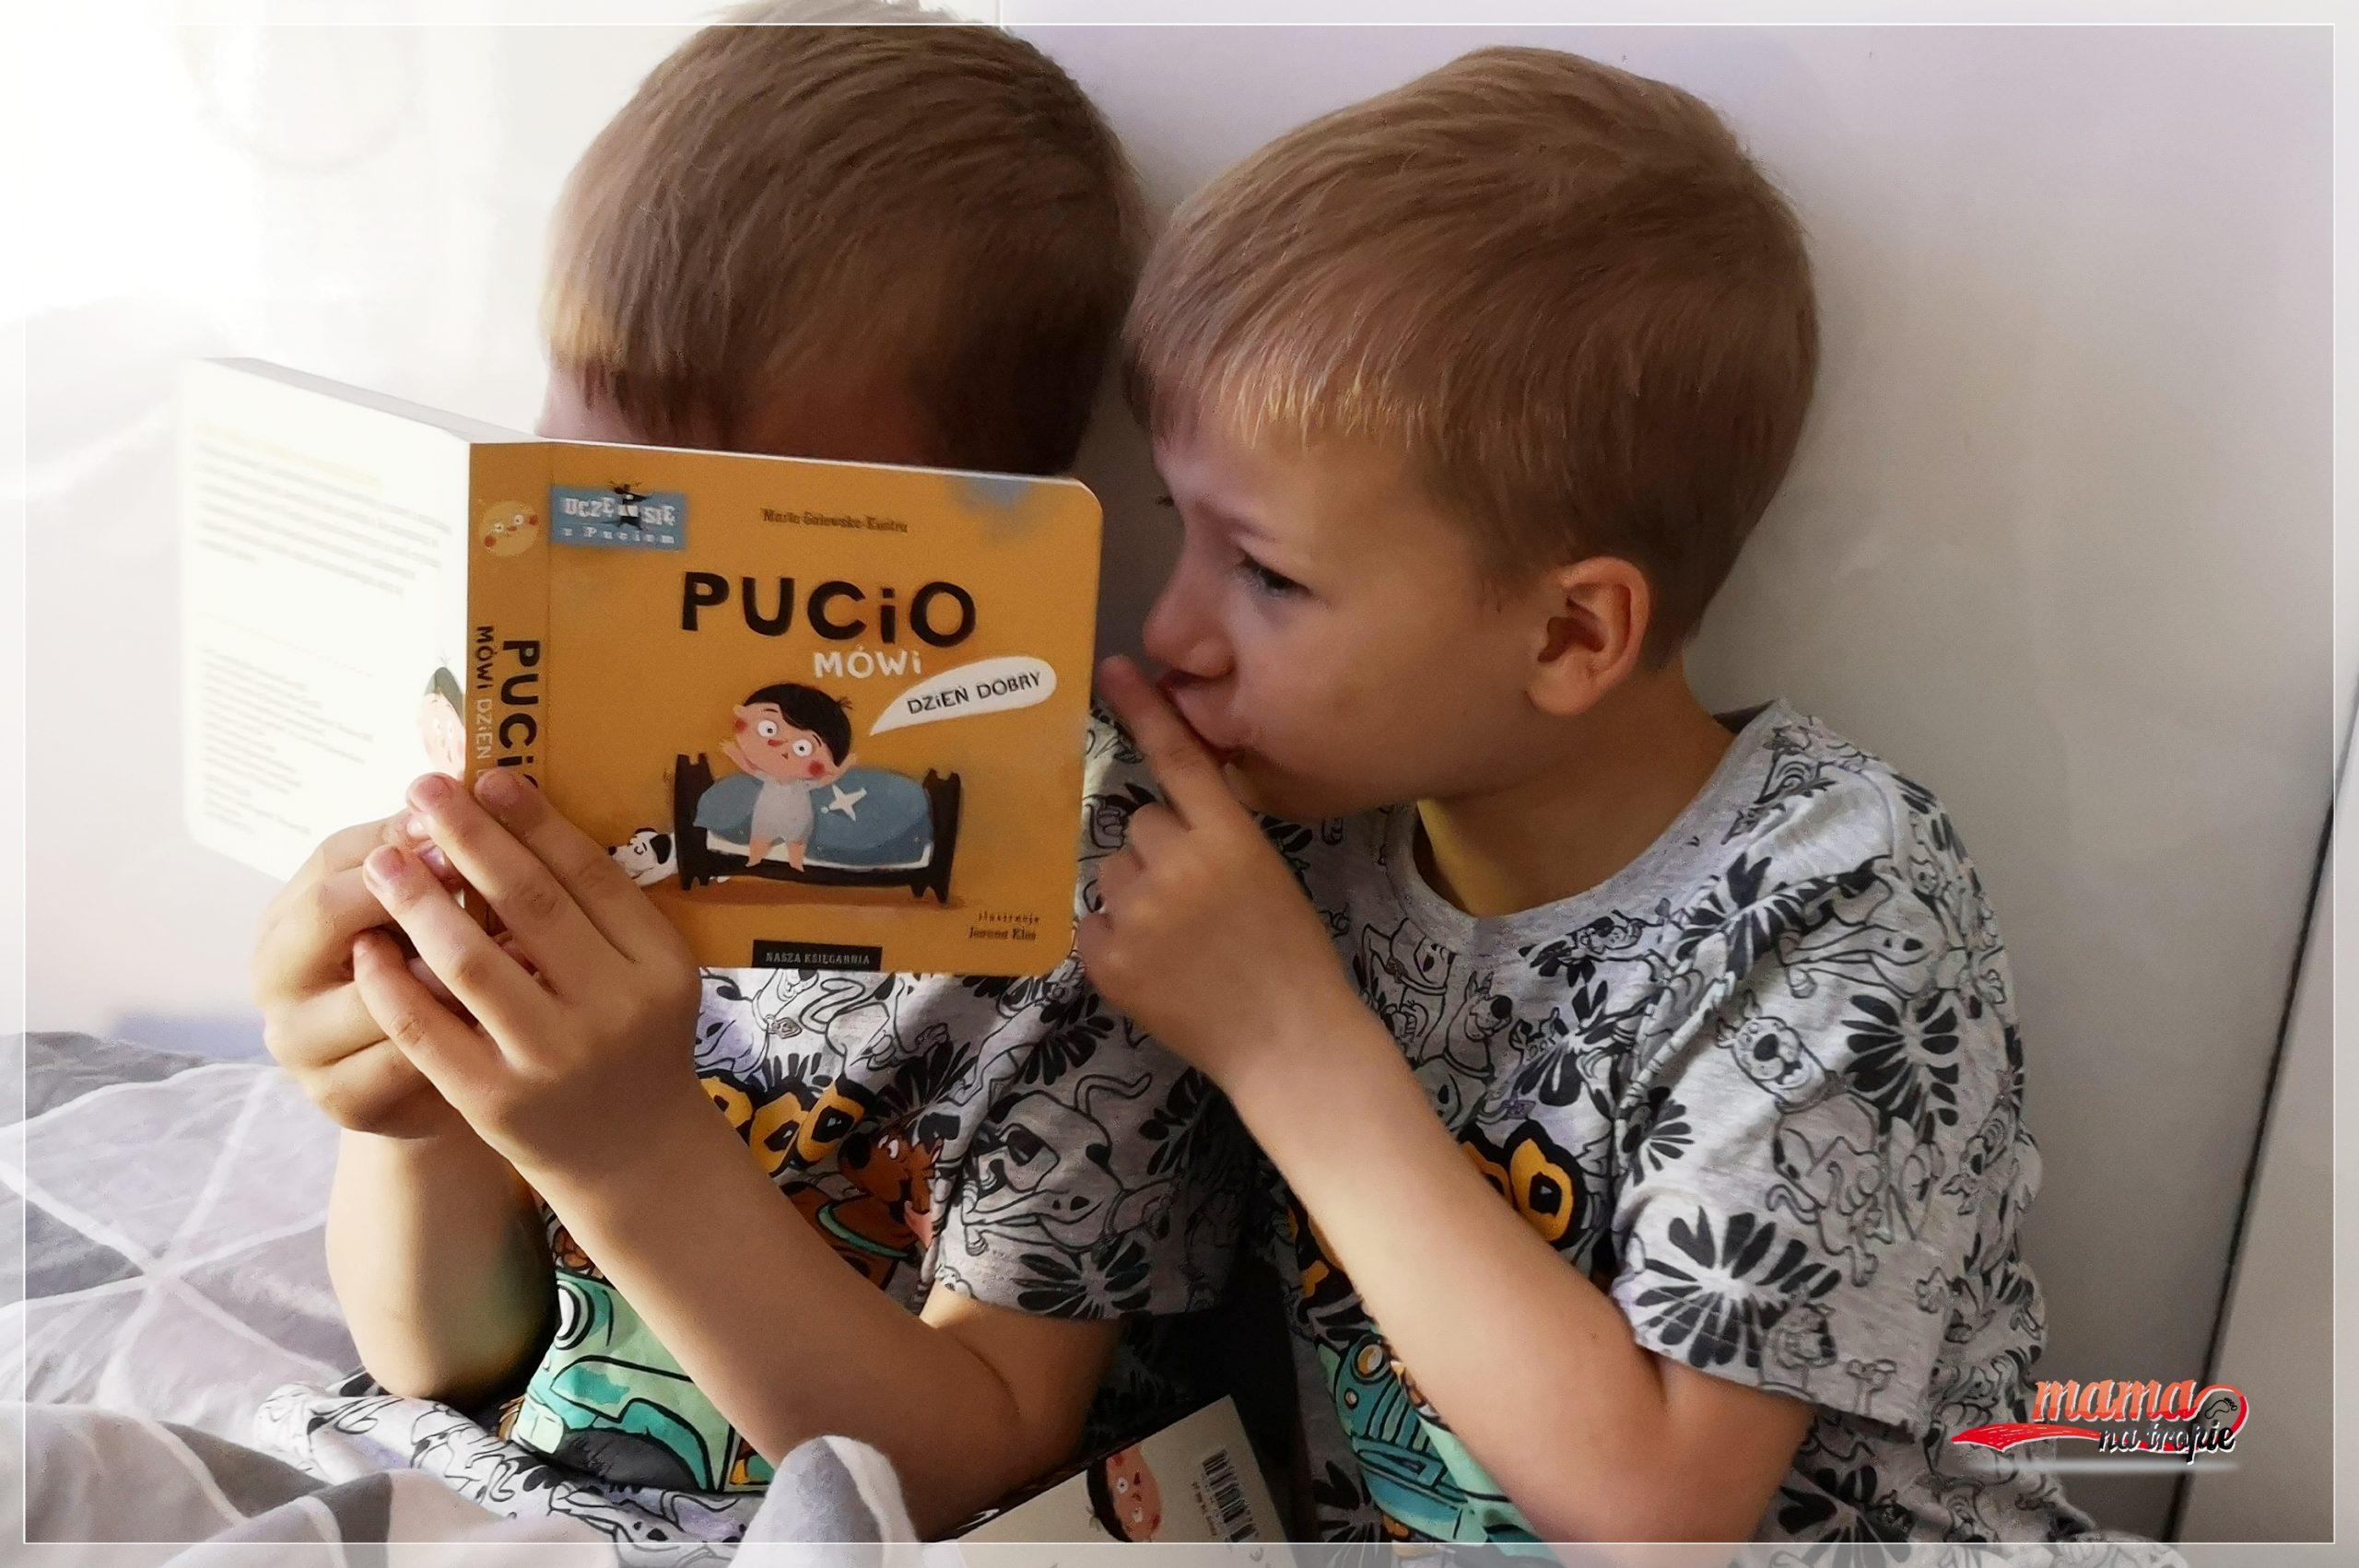 uczę się z puciem, pucio, nasza księgarnia, Marta Galewska-Kustra, książka dla dzieci, książka edukacyjna